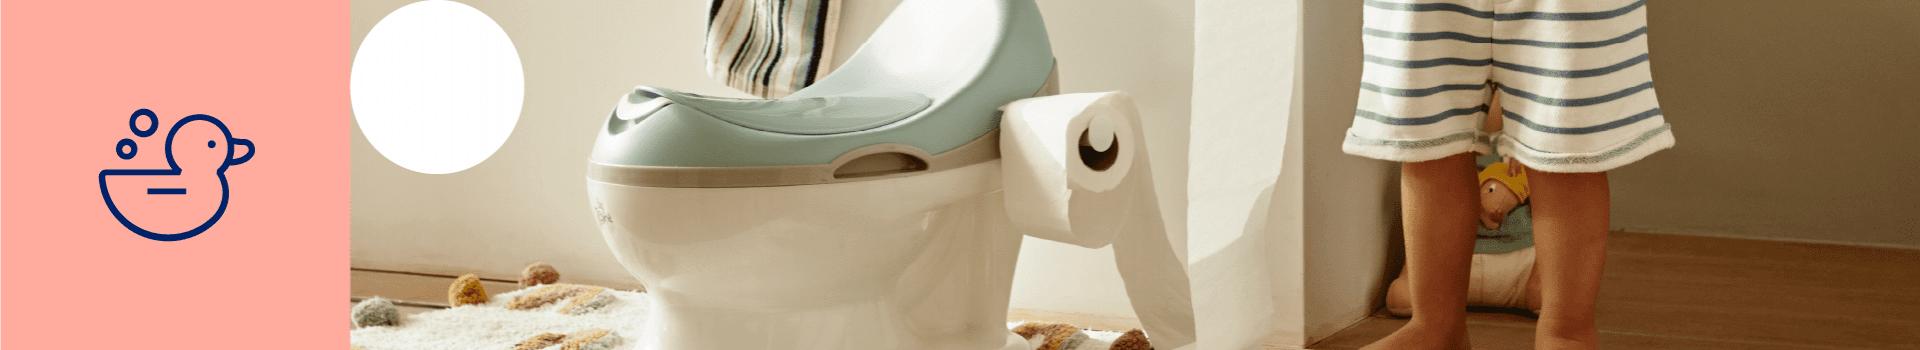 Higiene Jané | Artigos para banho e higiene do bebé | Janéworld